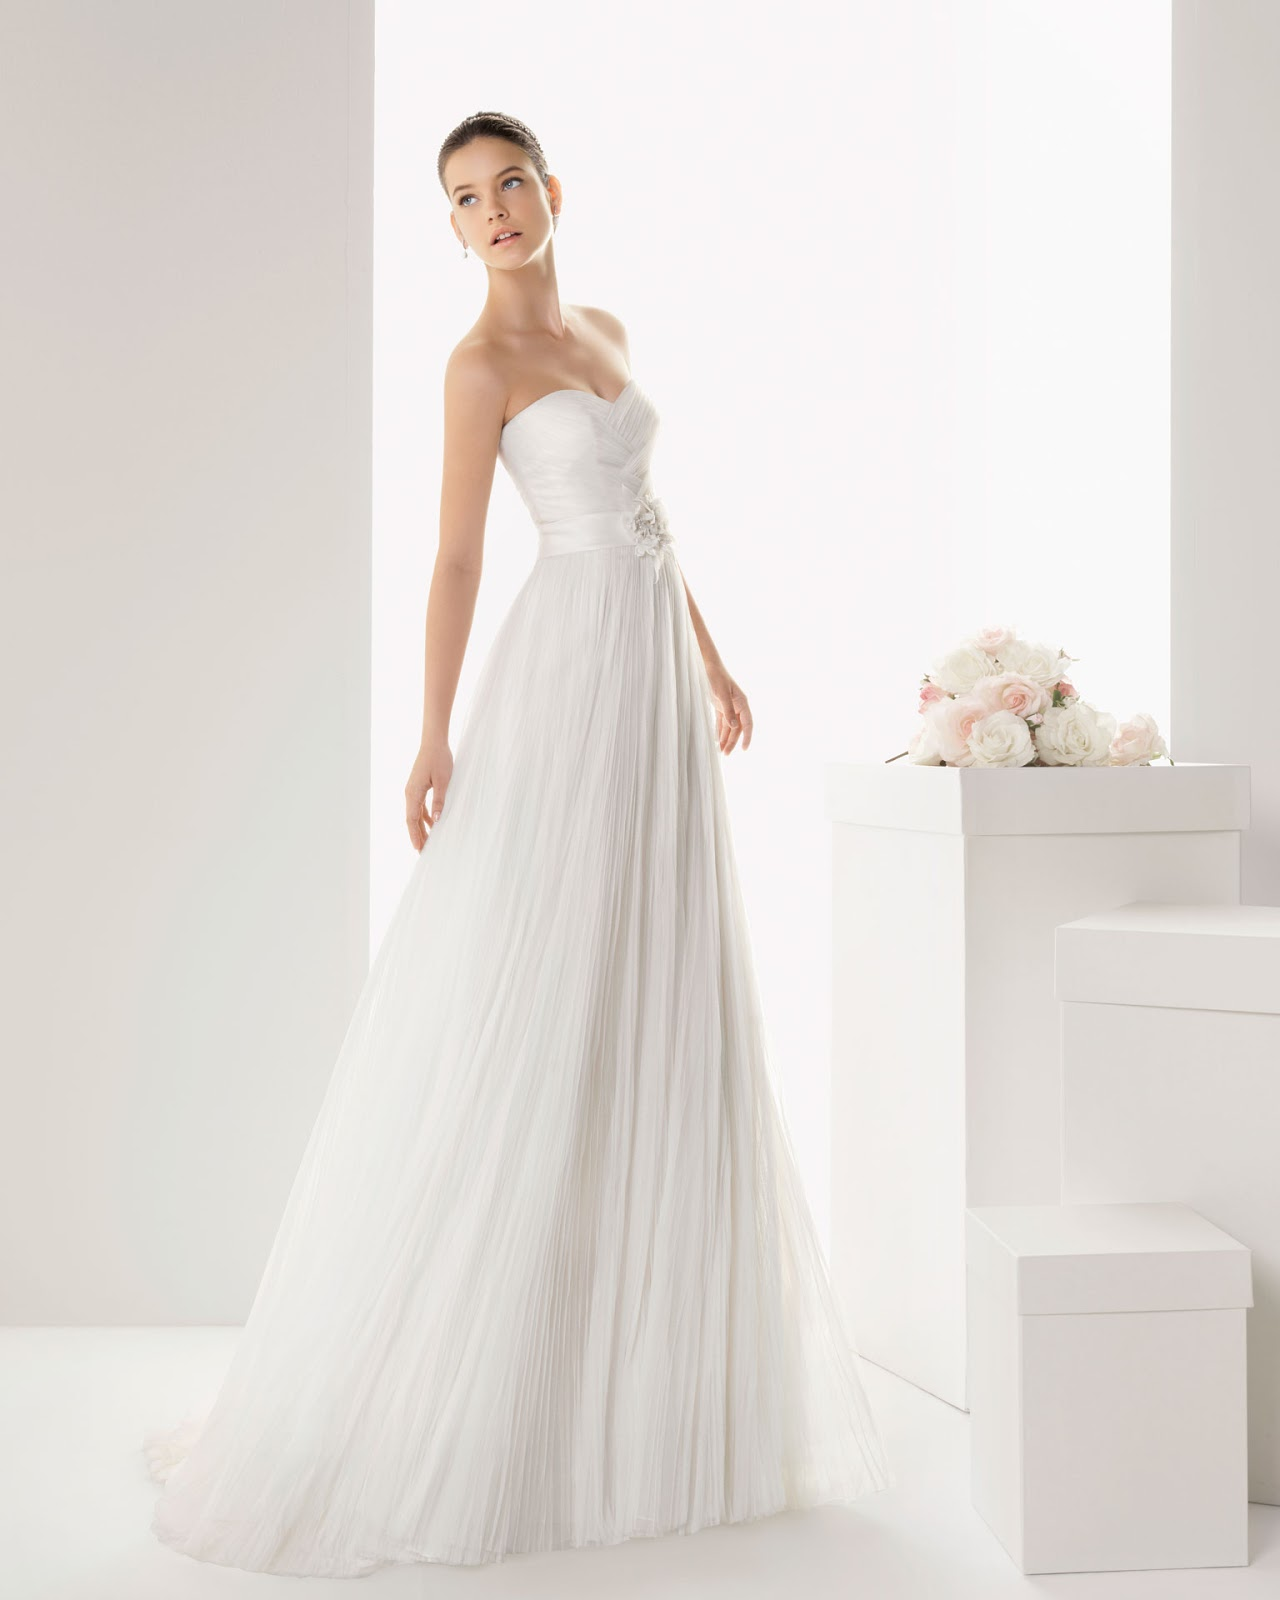 Peinados Para Vestidos De Palabra De Honor - Peinados de novia según el escote del vestido Bodaclick